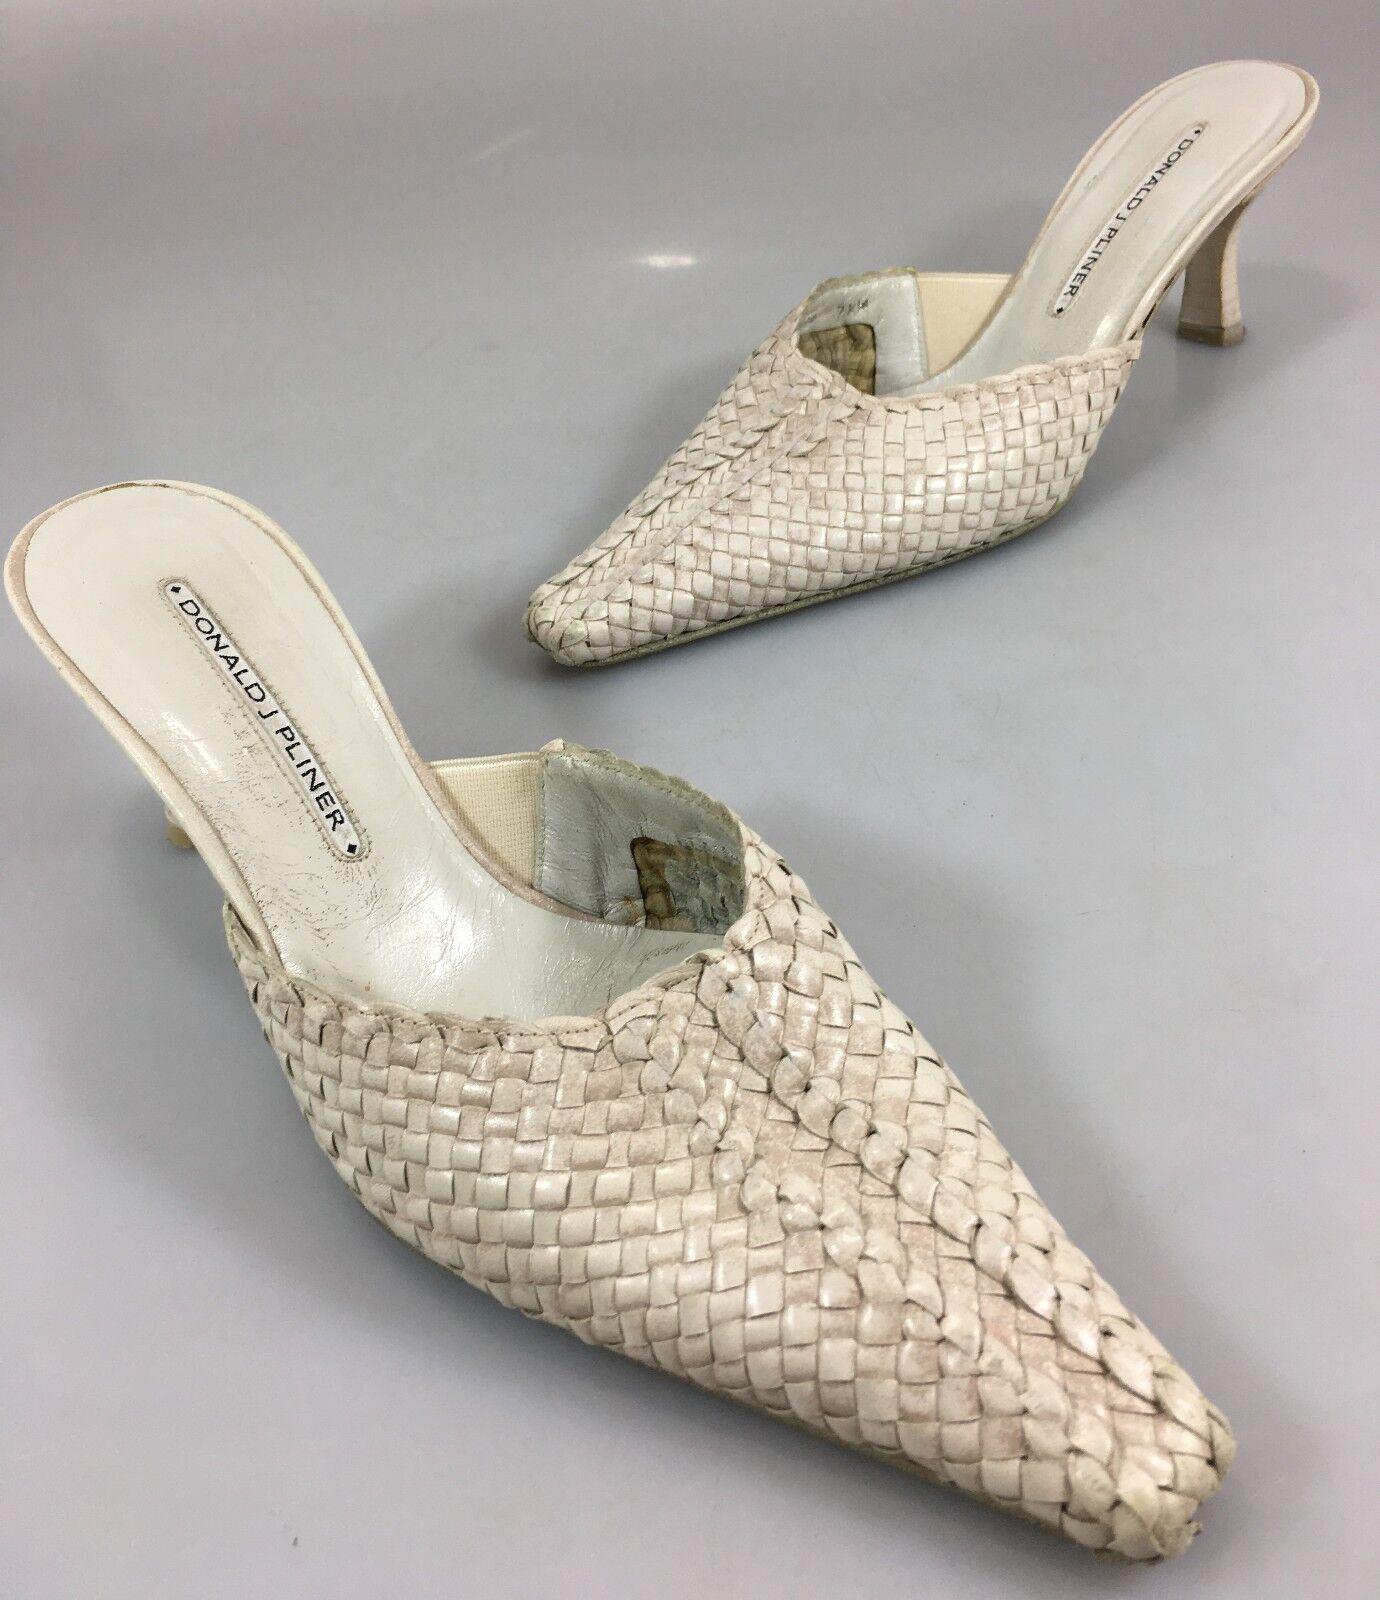 tutti i beni sono speciali Donald J Pliner 7.5 Llana Llana Llana Pale rosa Woven Leather 2.5  Kitten Heels Mules scarpe  negozio di moda in vendita